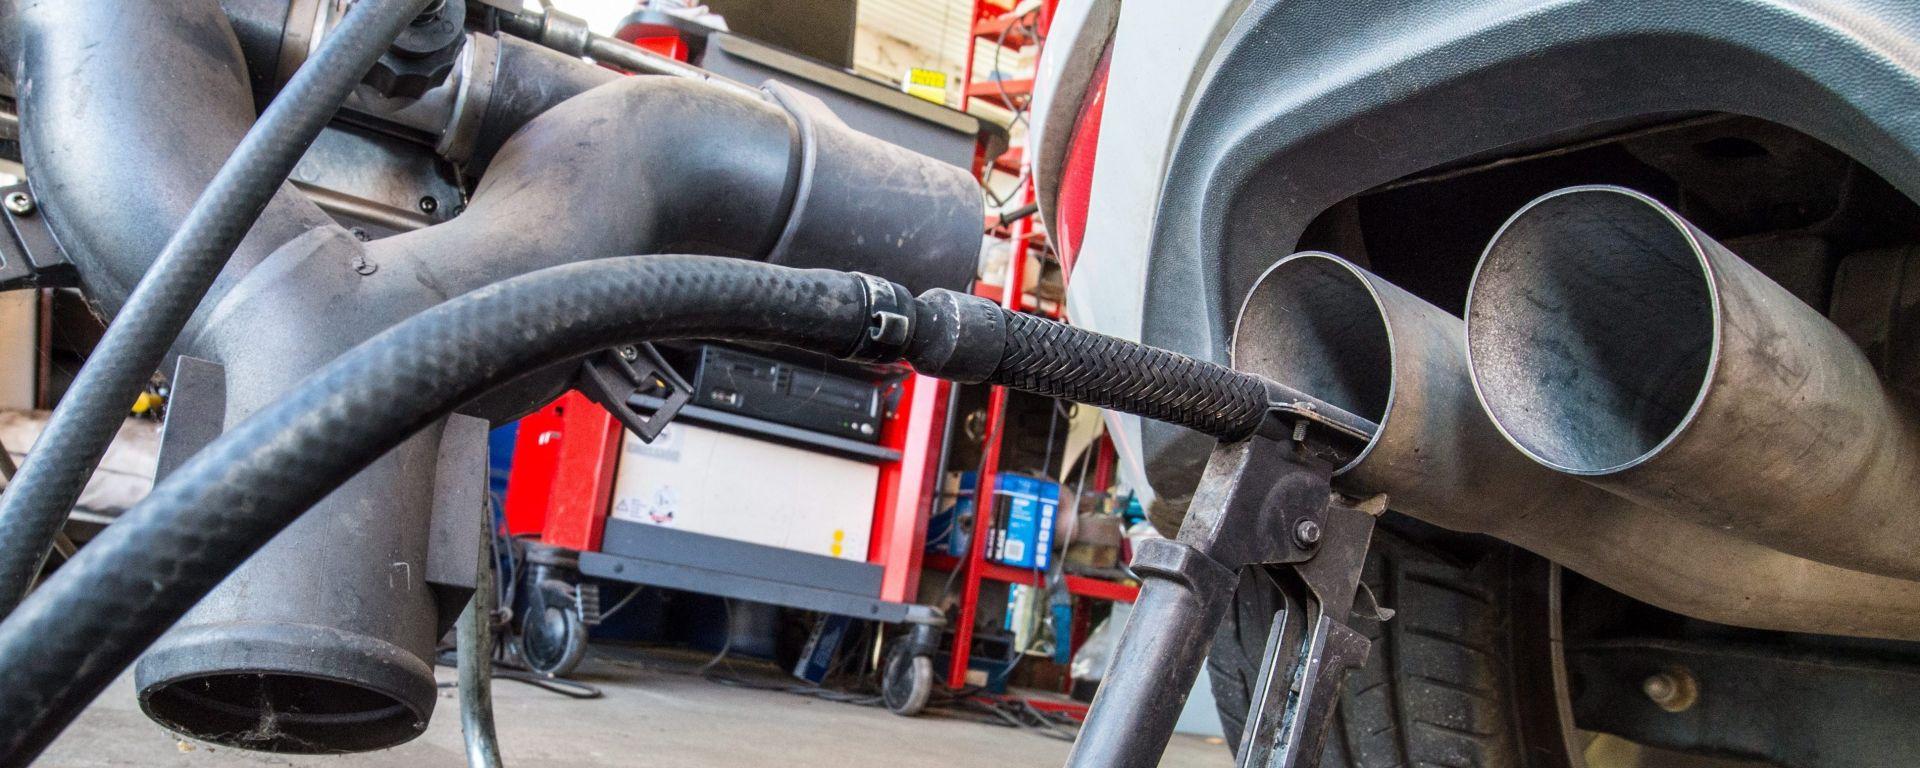 Dieselgate Volkswagen: chi non risponde al richiamo perde l'immatricolazione